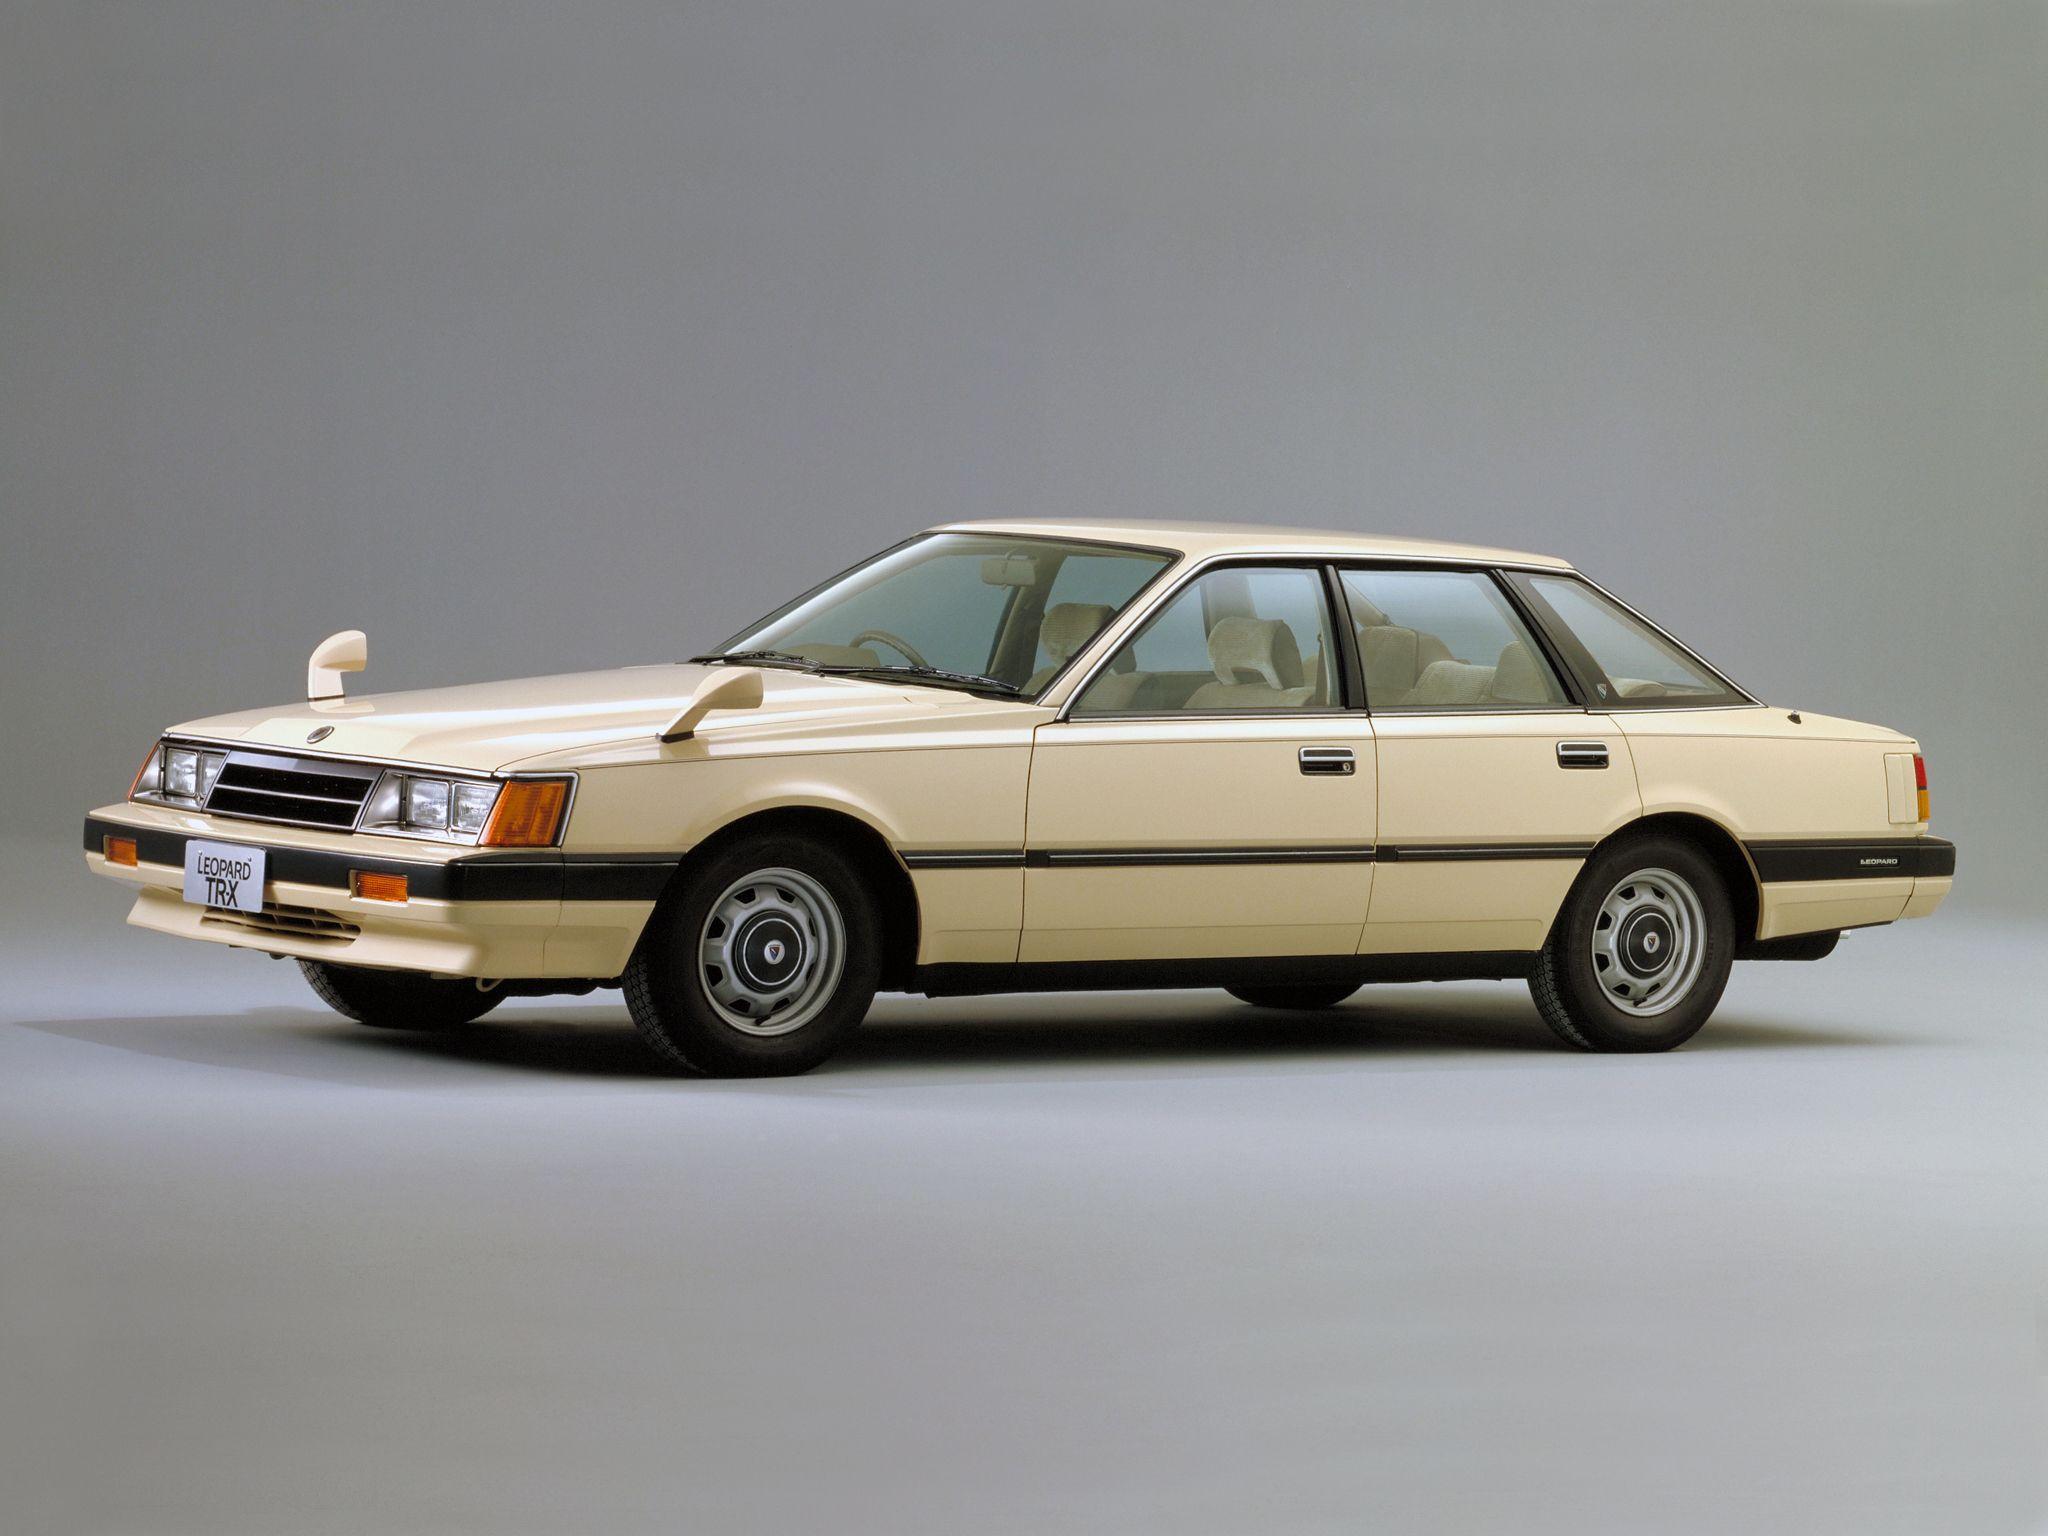 日産・レパード(F30)」10. 1980- 02. 1986